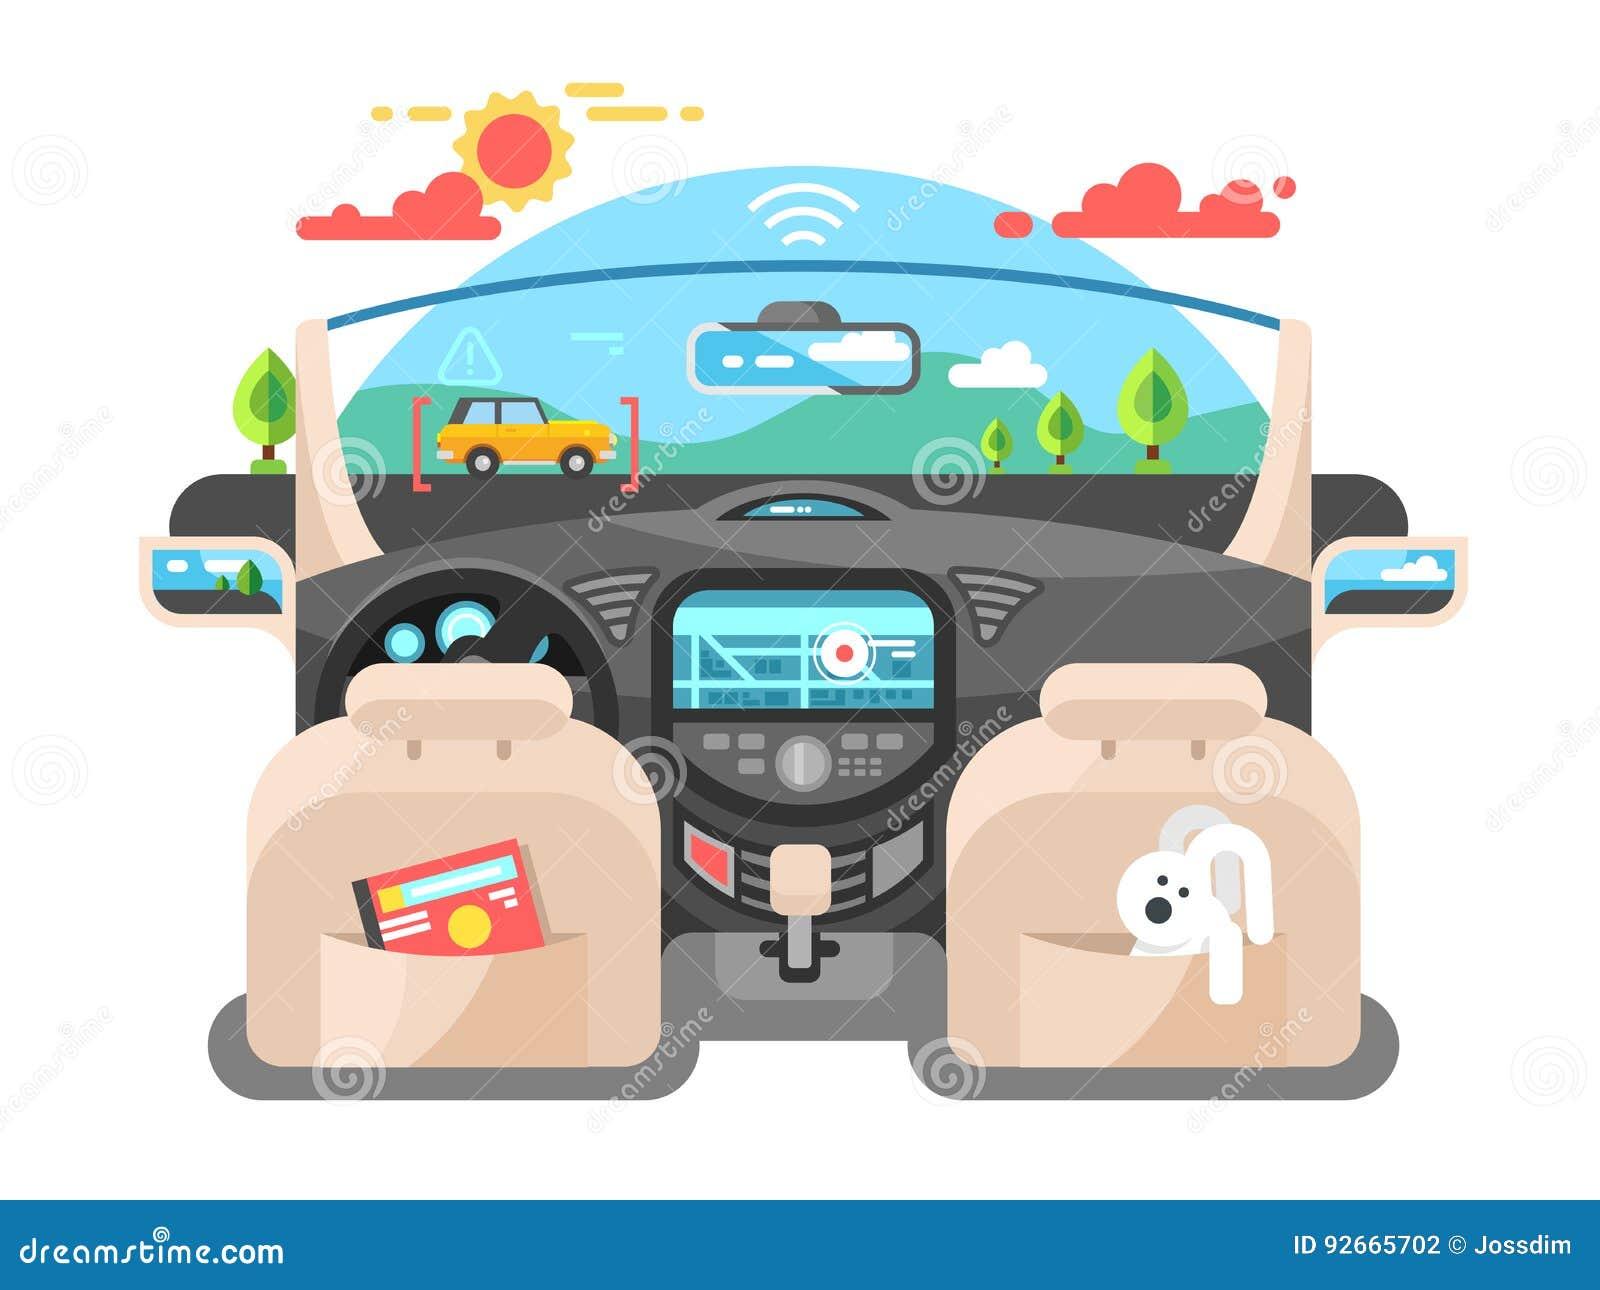 Sistema informático de piloto automático do carro